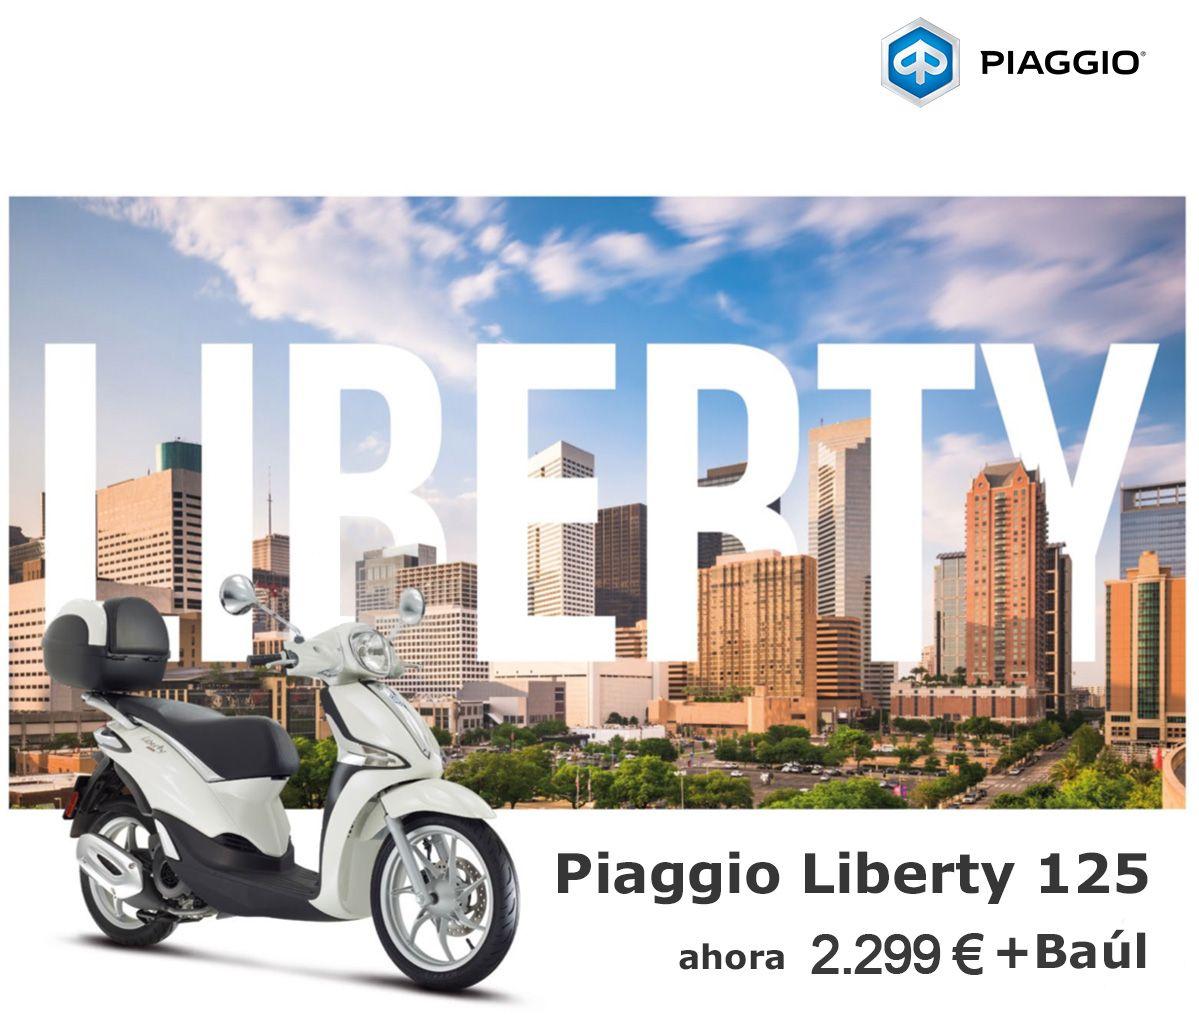 Elegancia y seguridad para tu día a día con la Piaggio Liberty por sólo 2.299€